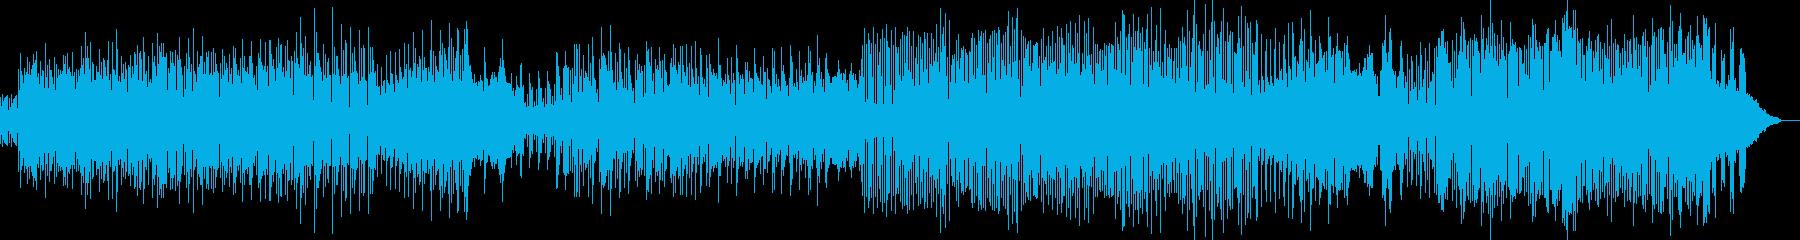 不気味可愛いハロウィン調 ドラム有 Aの再生済みの波形